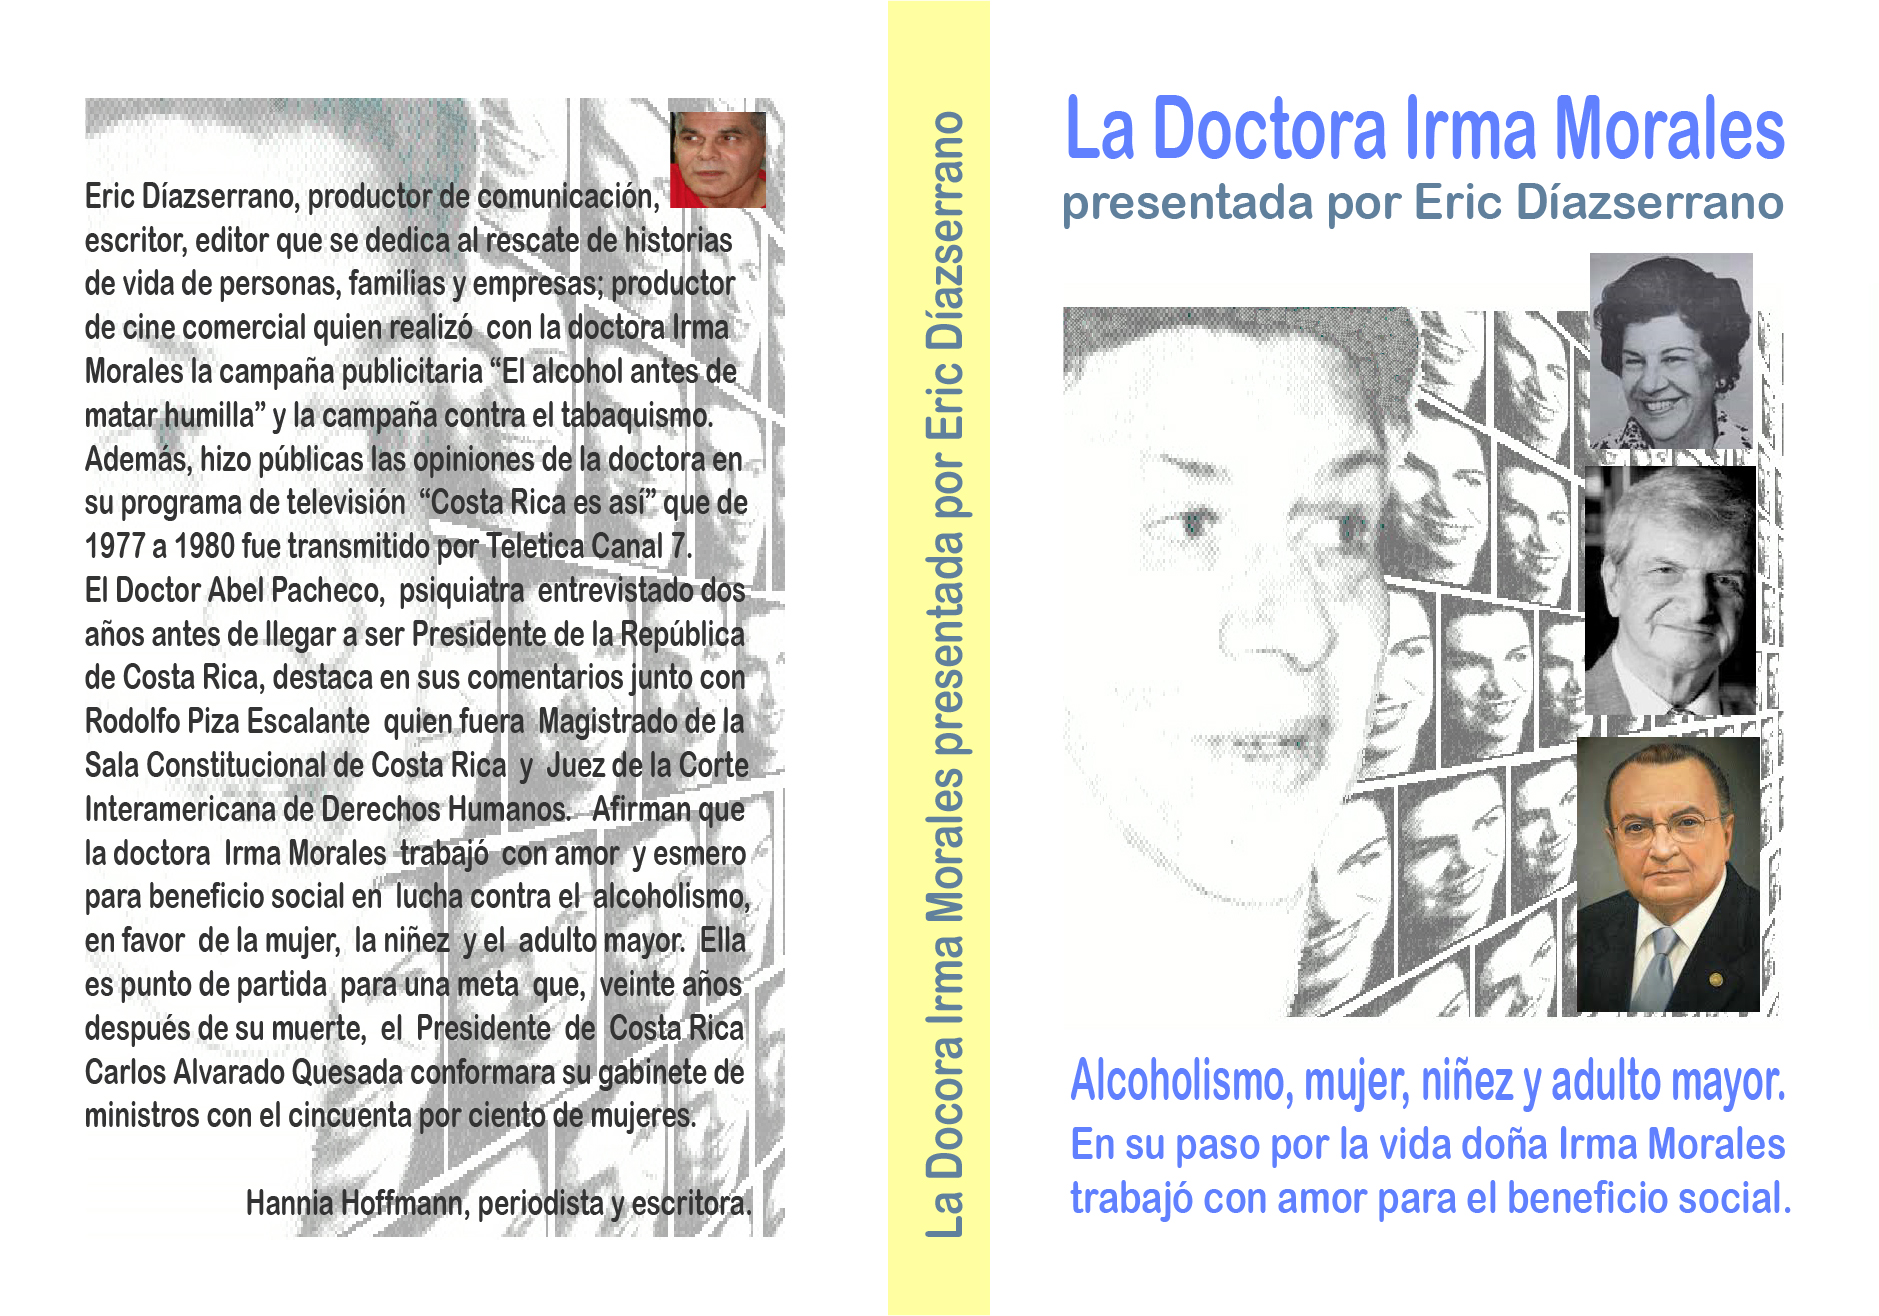 La doctora Irma Morales: beneficios en favor de la mujer, niñez, ancianidad y asistencia médica para enfermos  alcohólicos